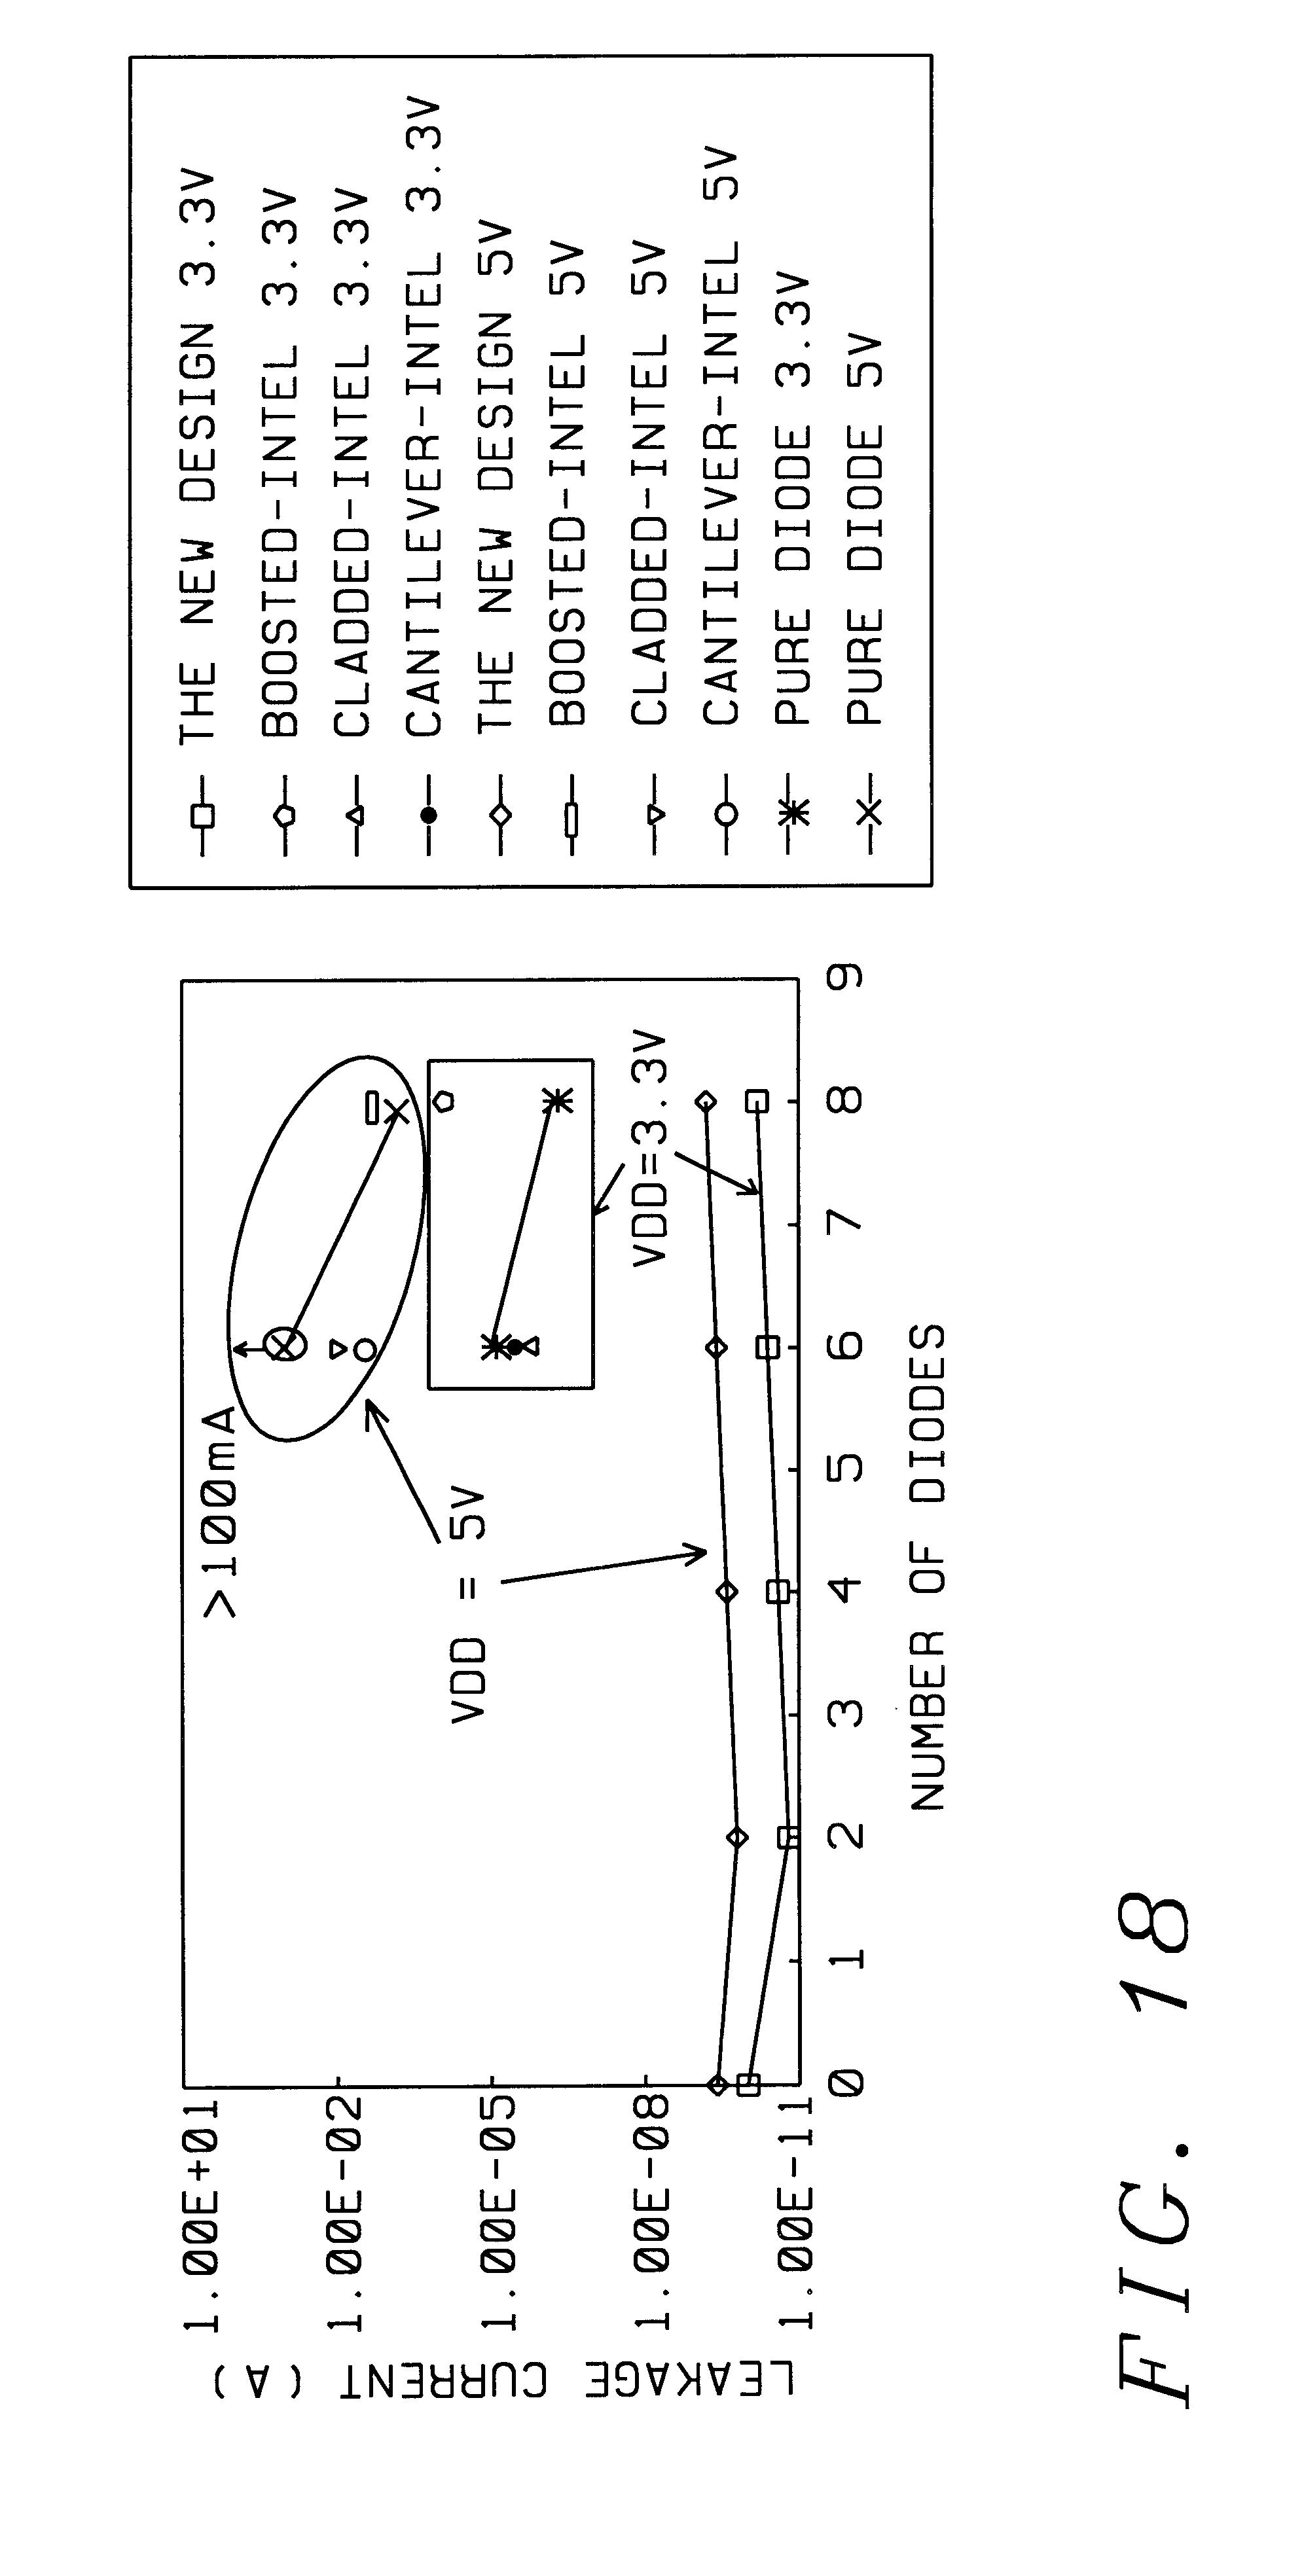 patent us6671153